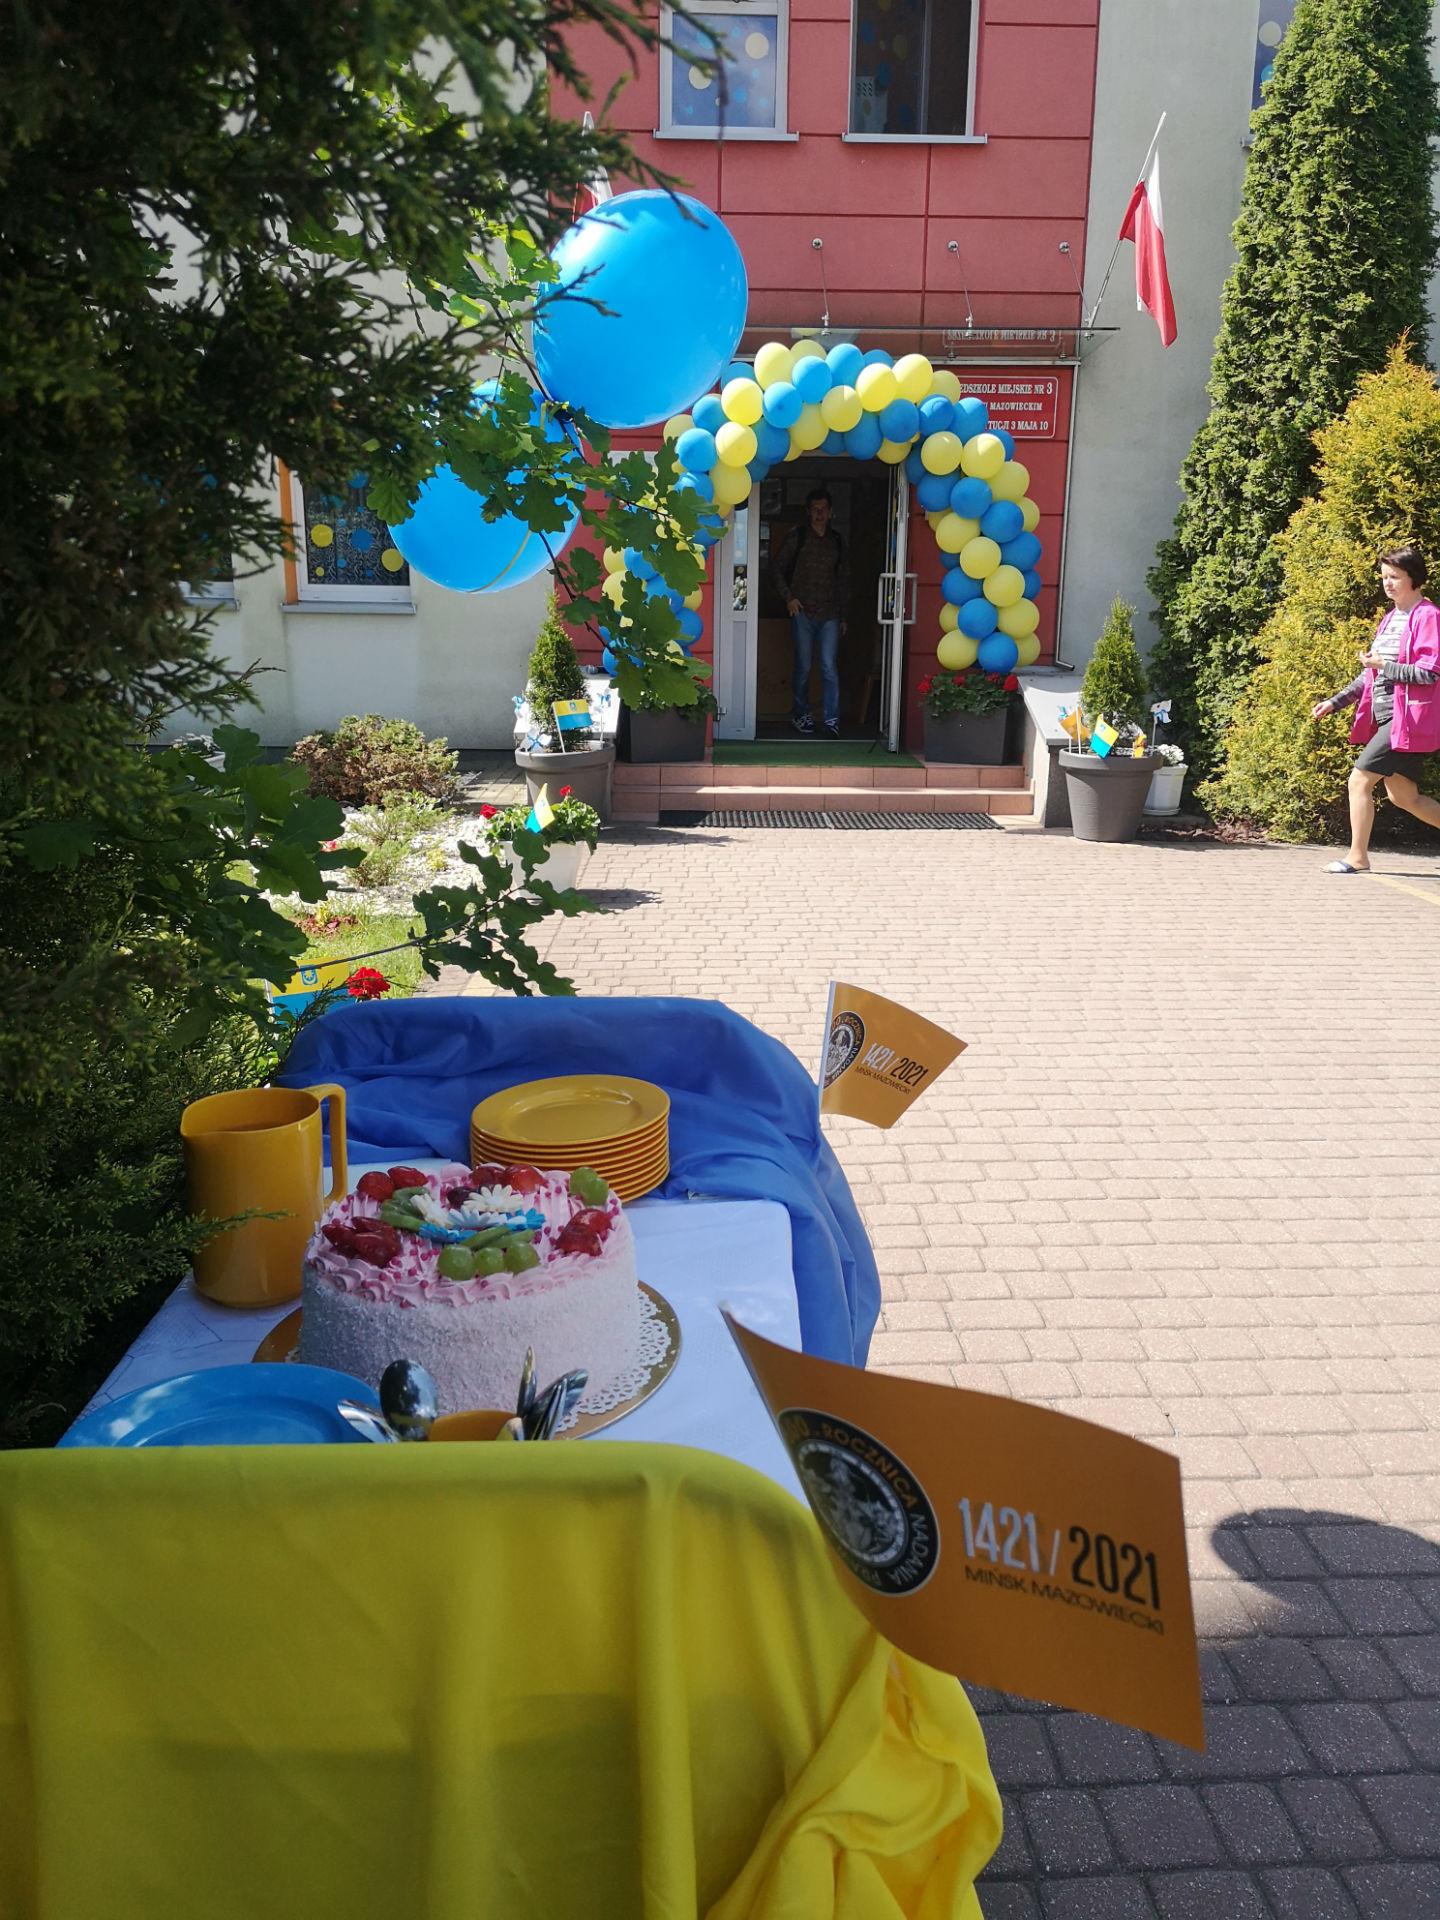 Fotografia wykonana przed przedszkolem miejskim nr 3. Na pierwszym planie stół z tortem. W tle wejście do przedszkola. Wszystko udekorowane żółto-niebieskimi balonami oraz chorągiewkami przypominającymi o obchodach 600-lecia miasta.